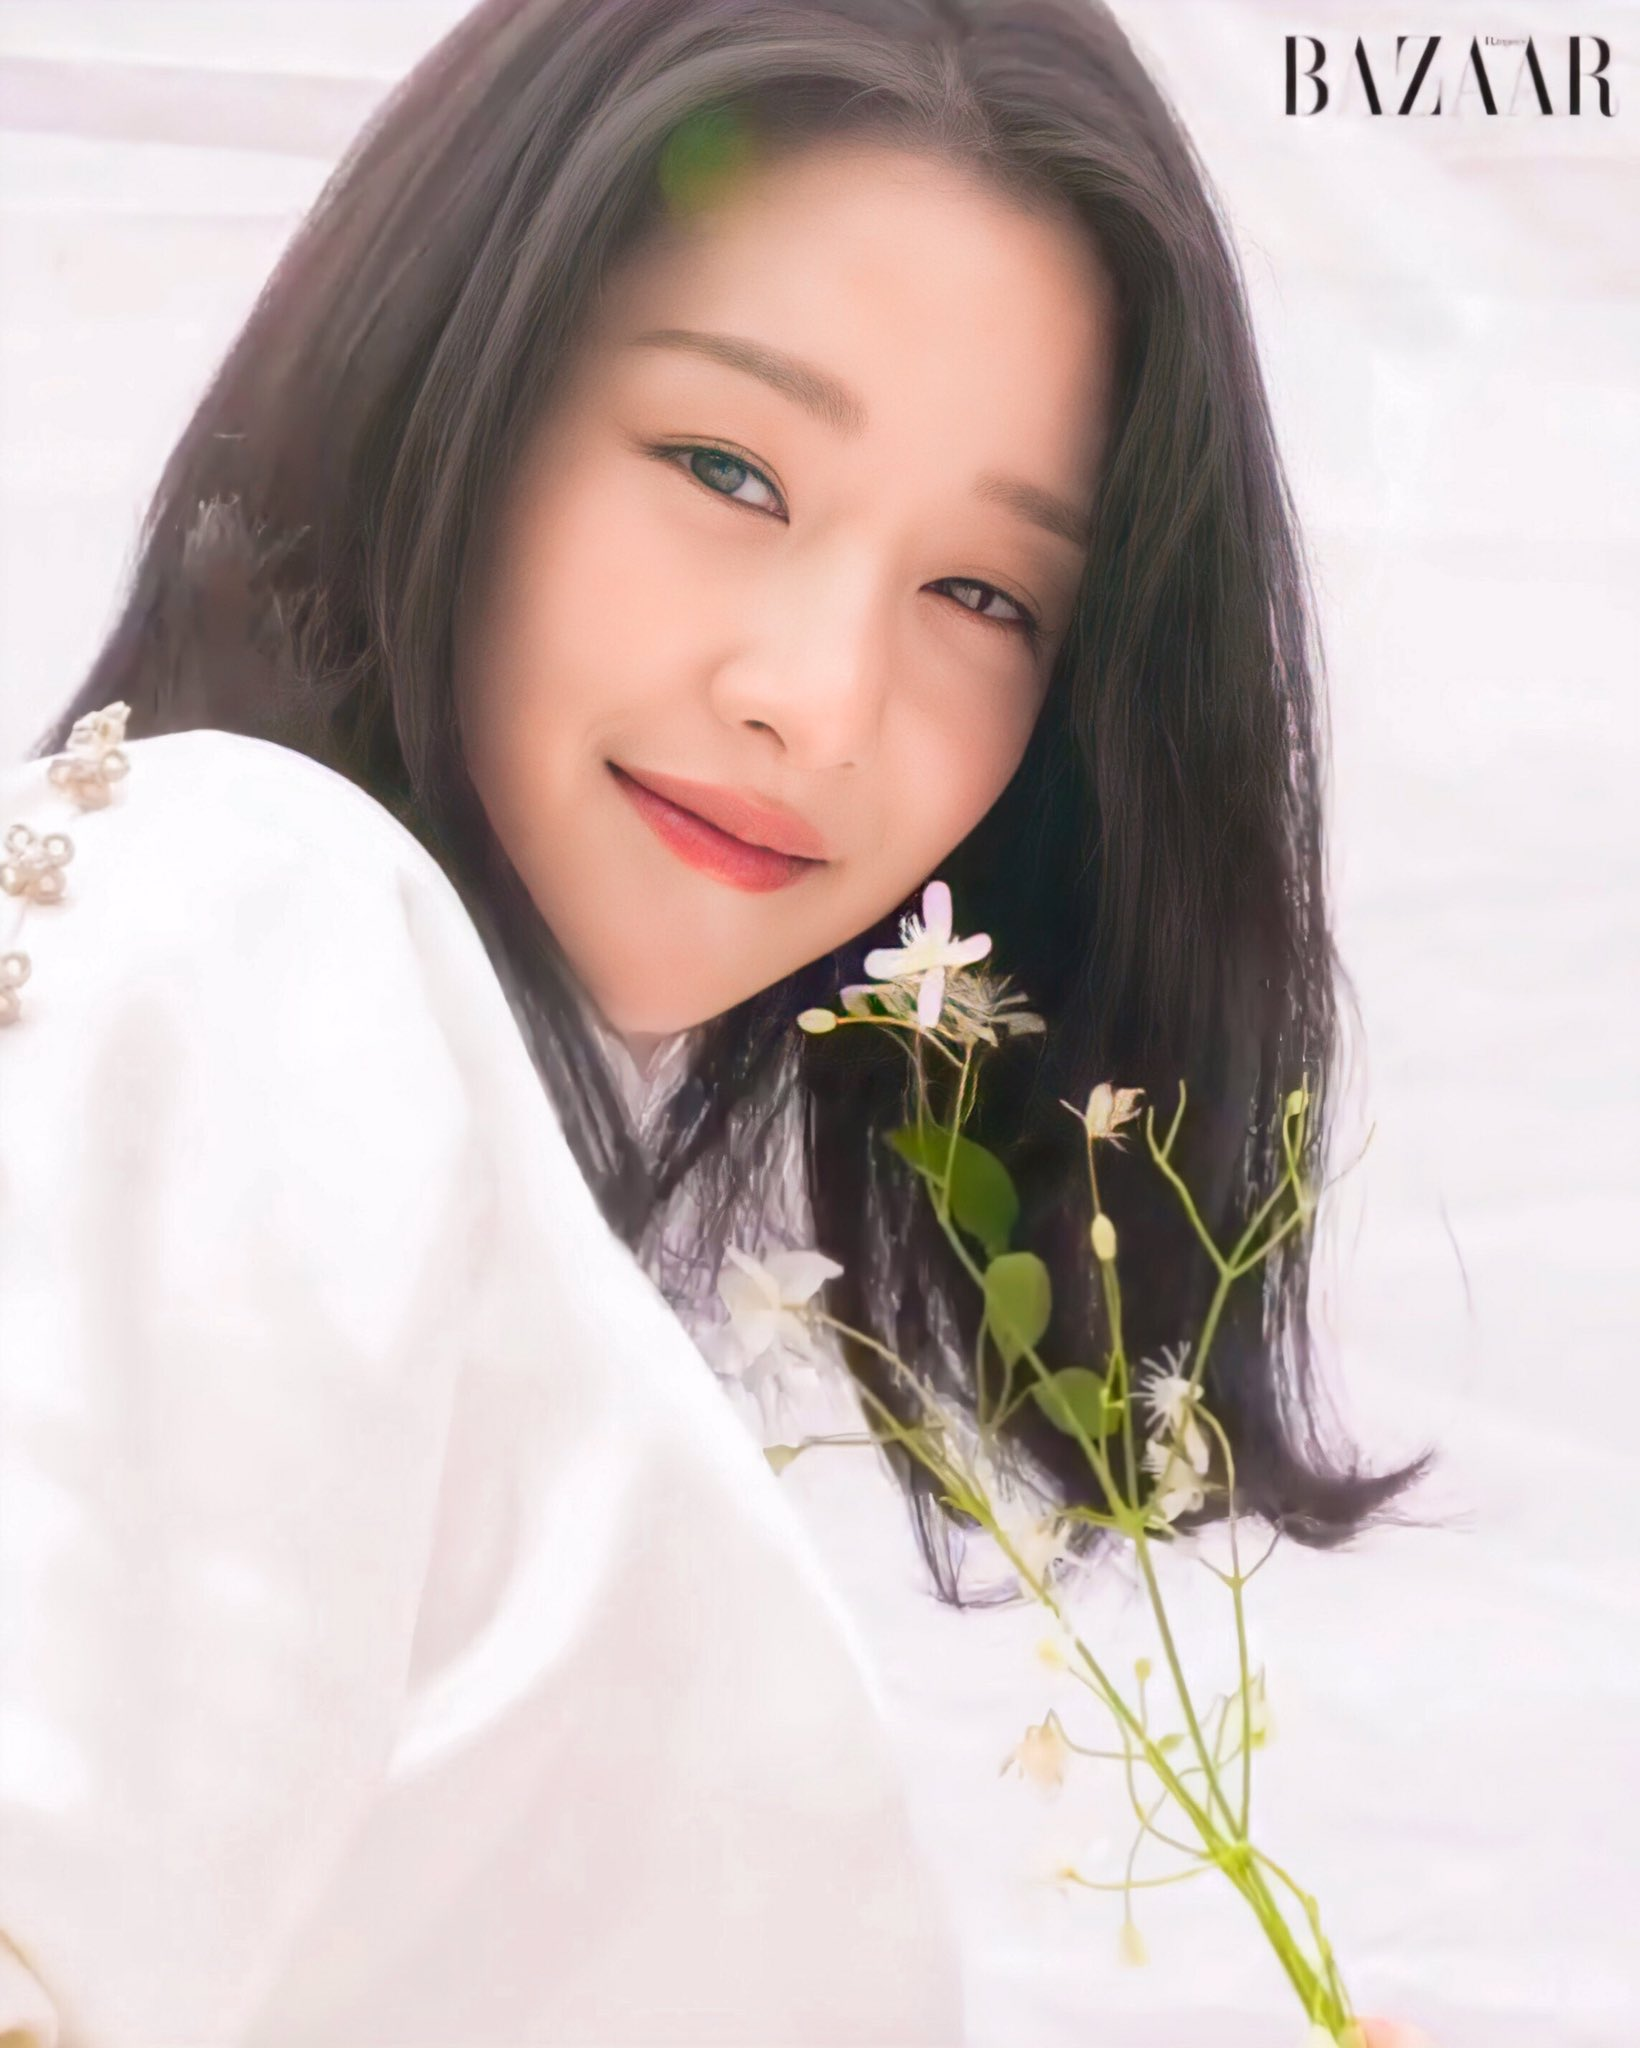 Hà Tăng lấn át Seo Ye Ji khi đụng hàng, thần thái sang chảnh của ngọc nữ Việt quả không phải tầm thường - Ảnh 3.